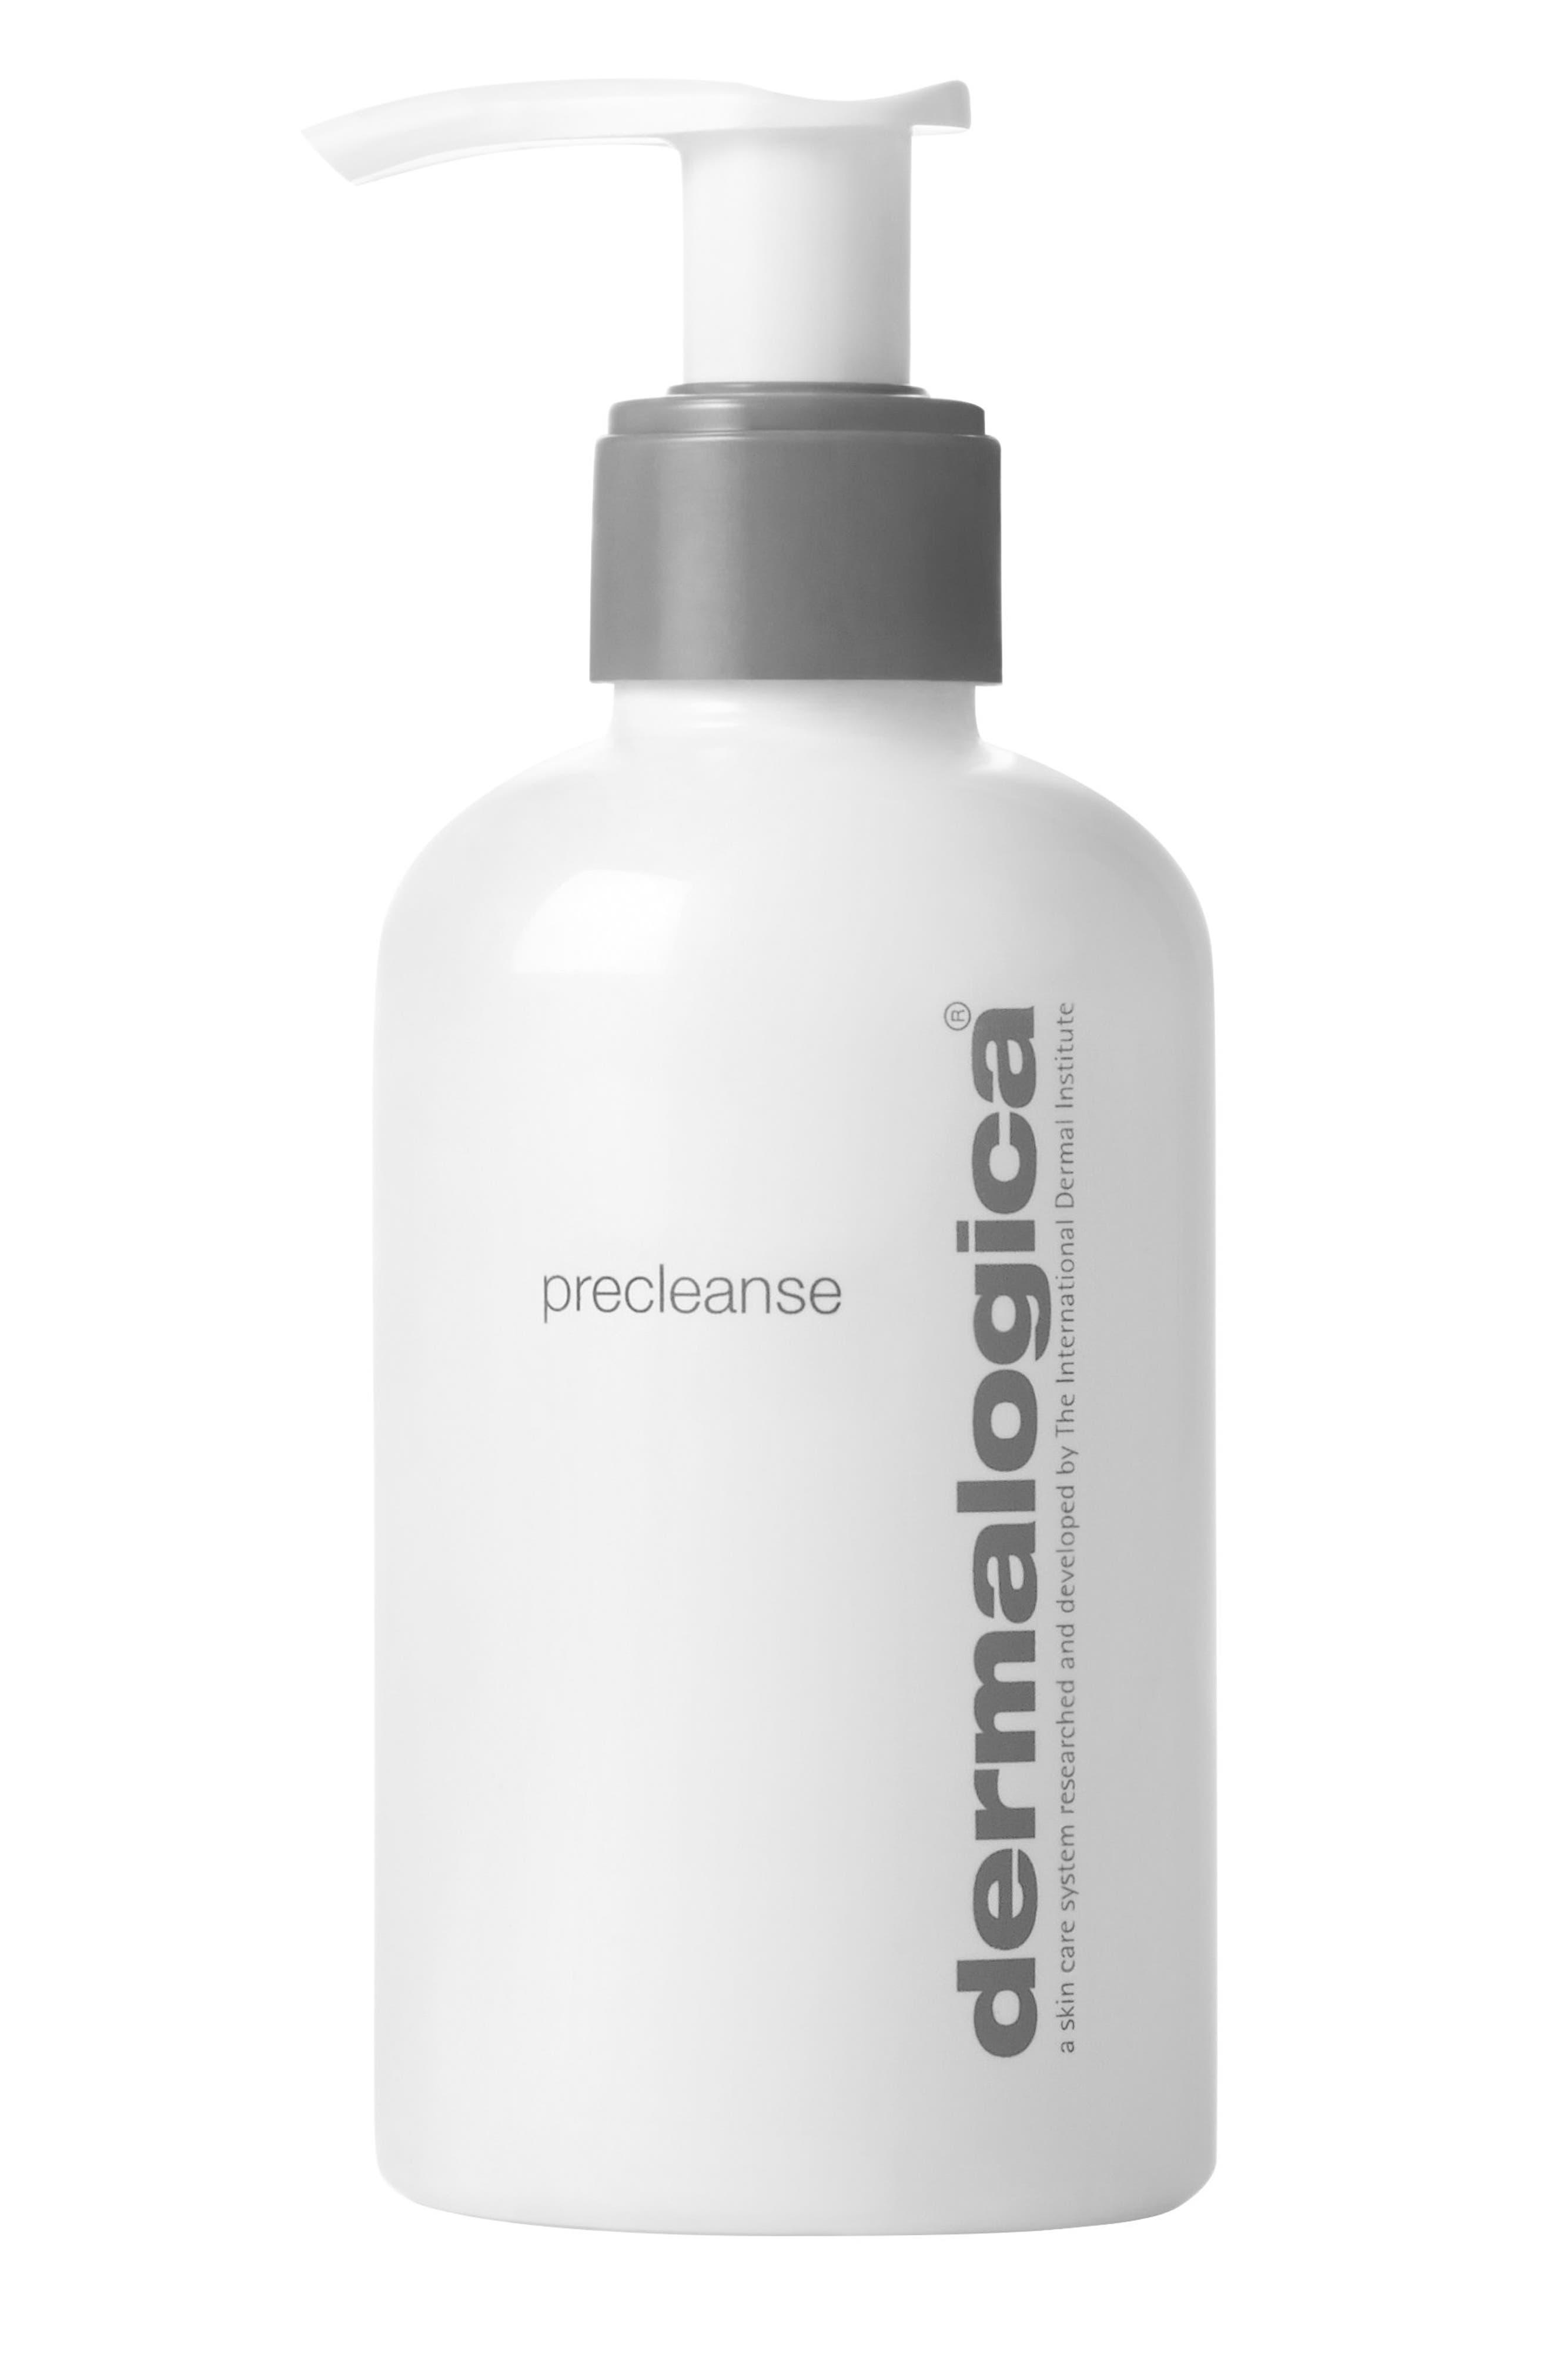 dermalogica® Precleanse